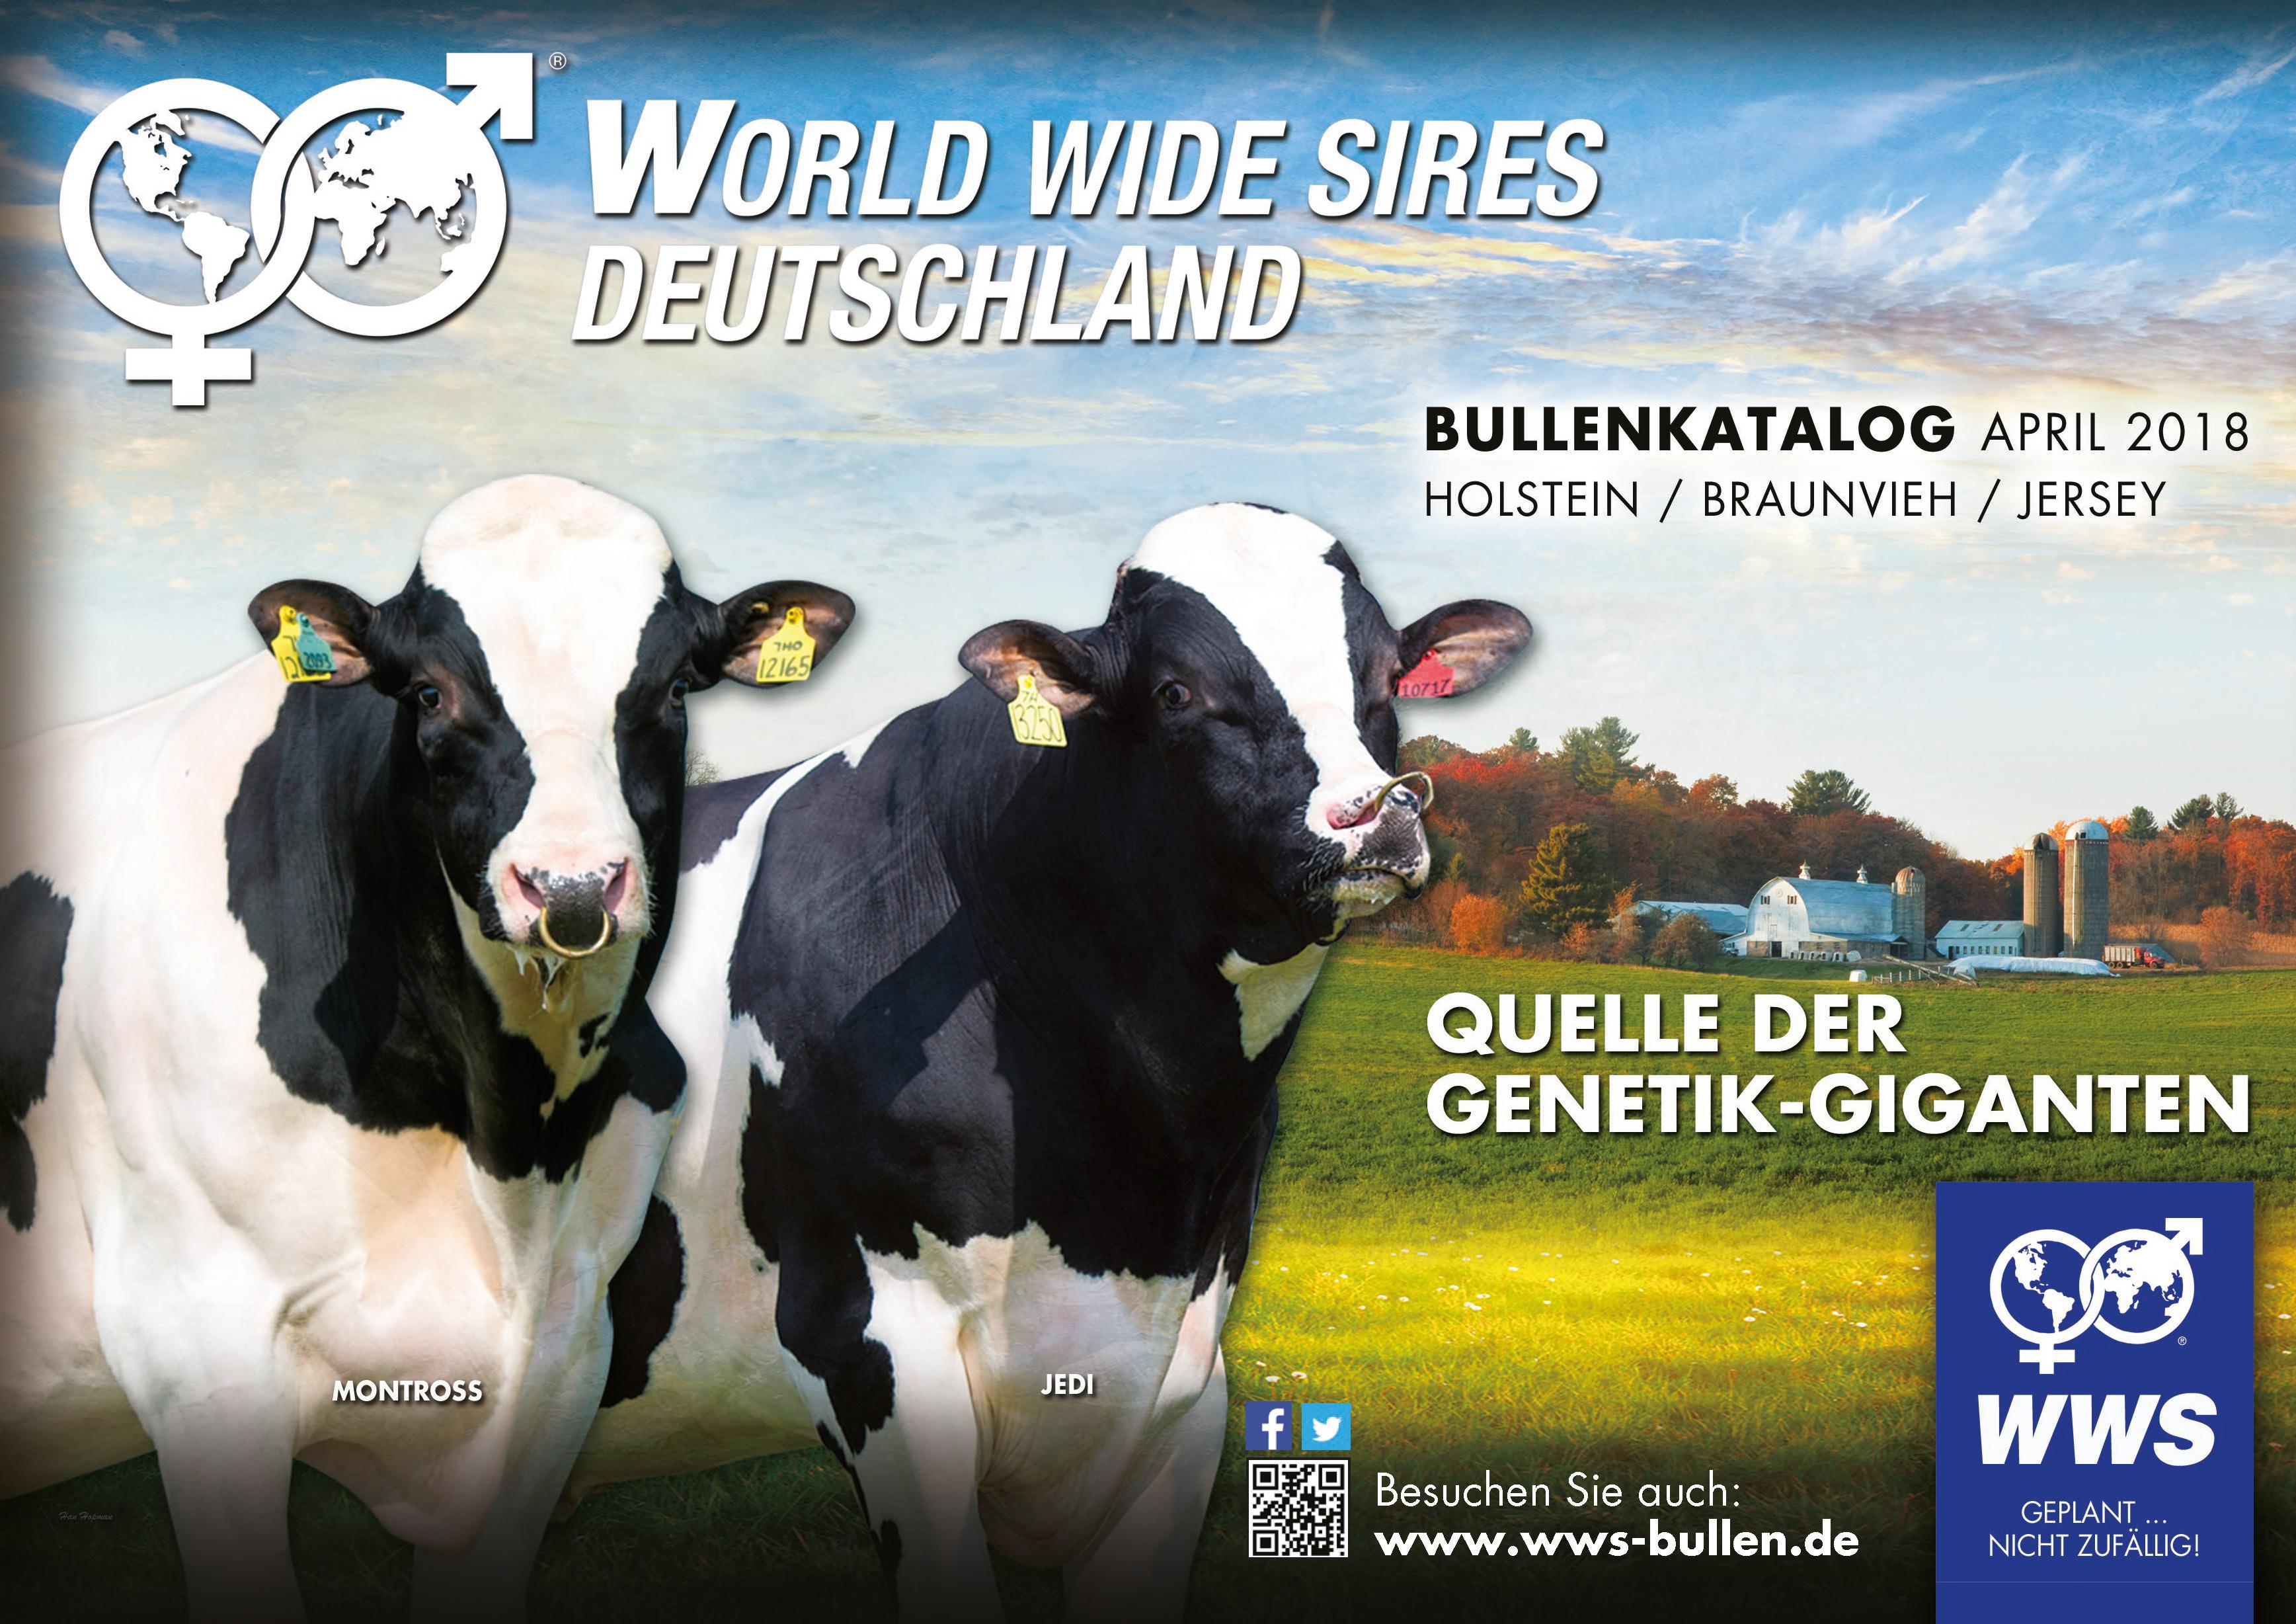 Die besten Hornlosbullen der Rassen Holstein und Braunvieh!